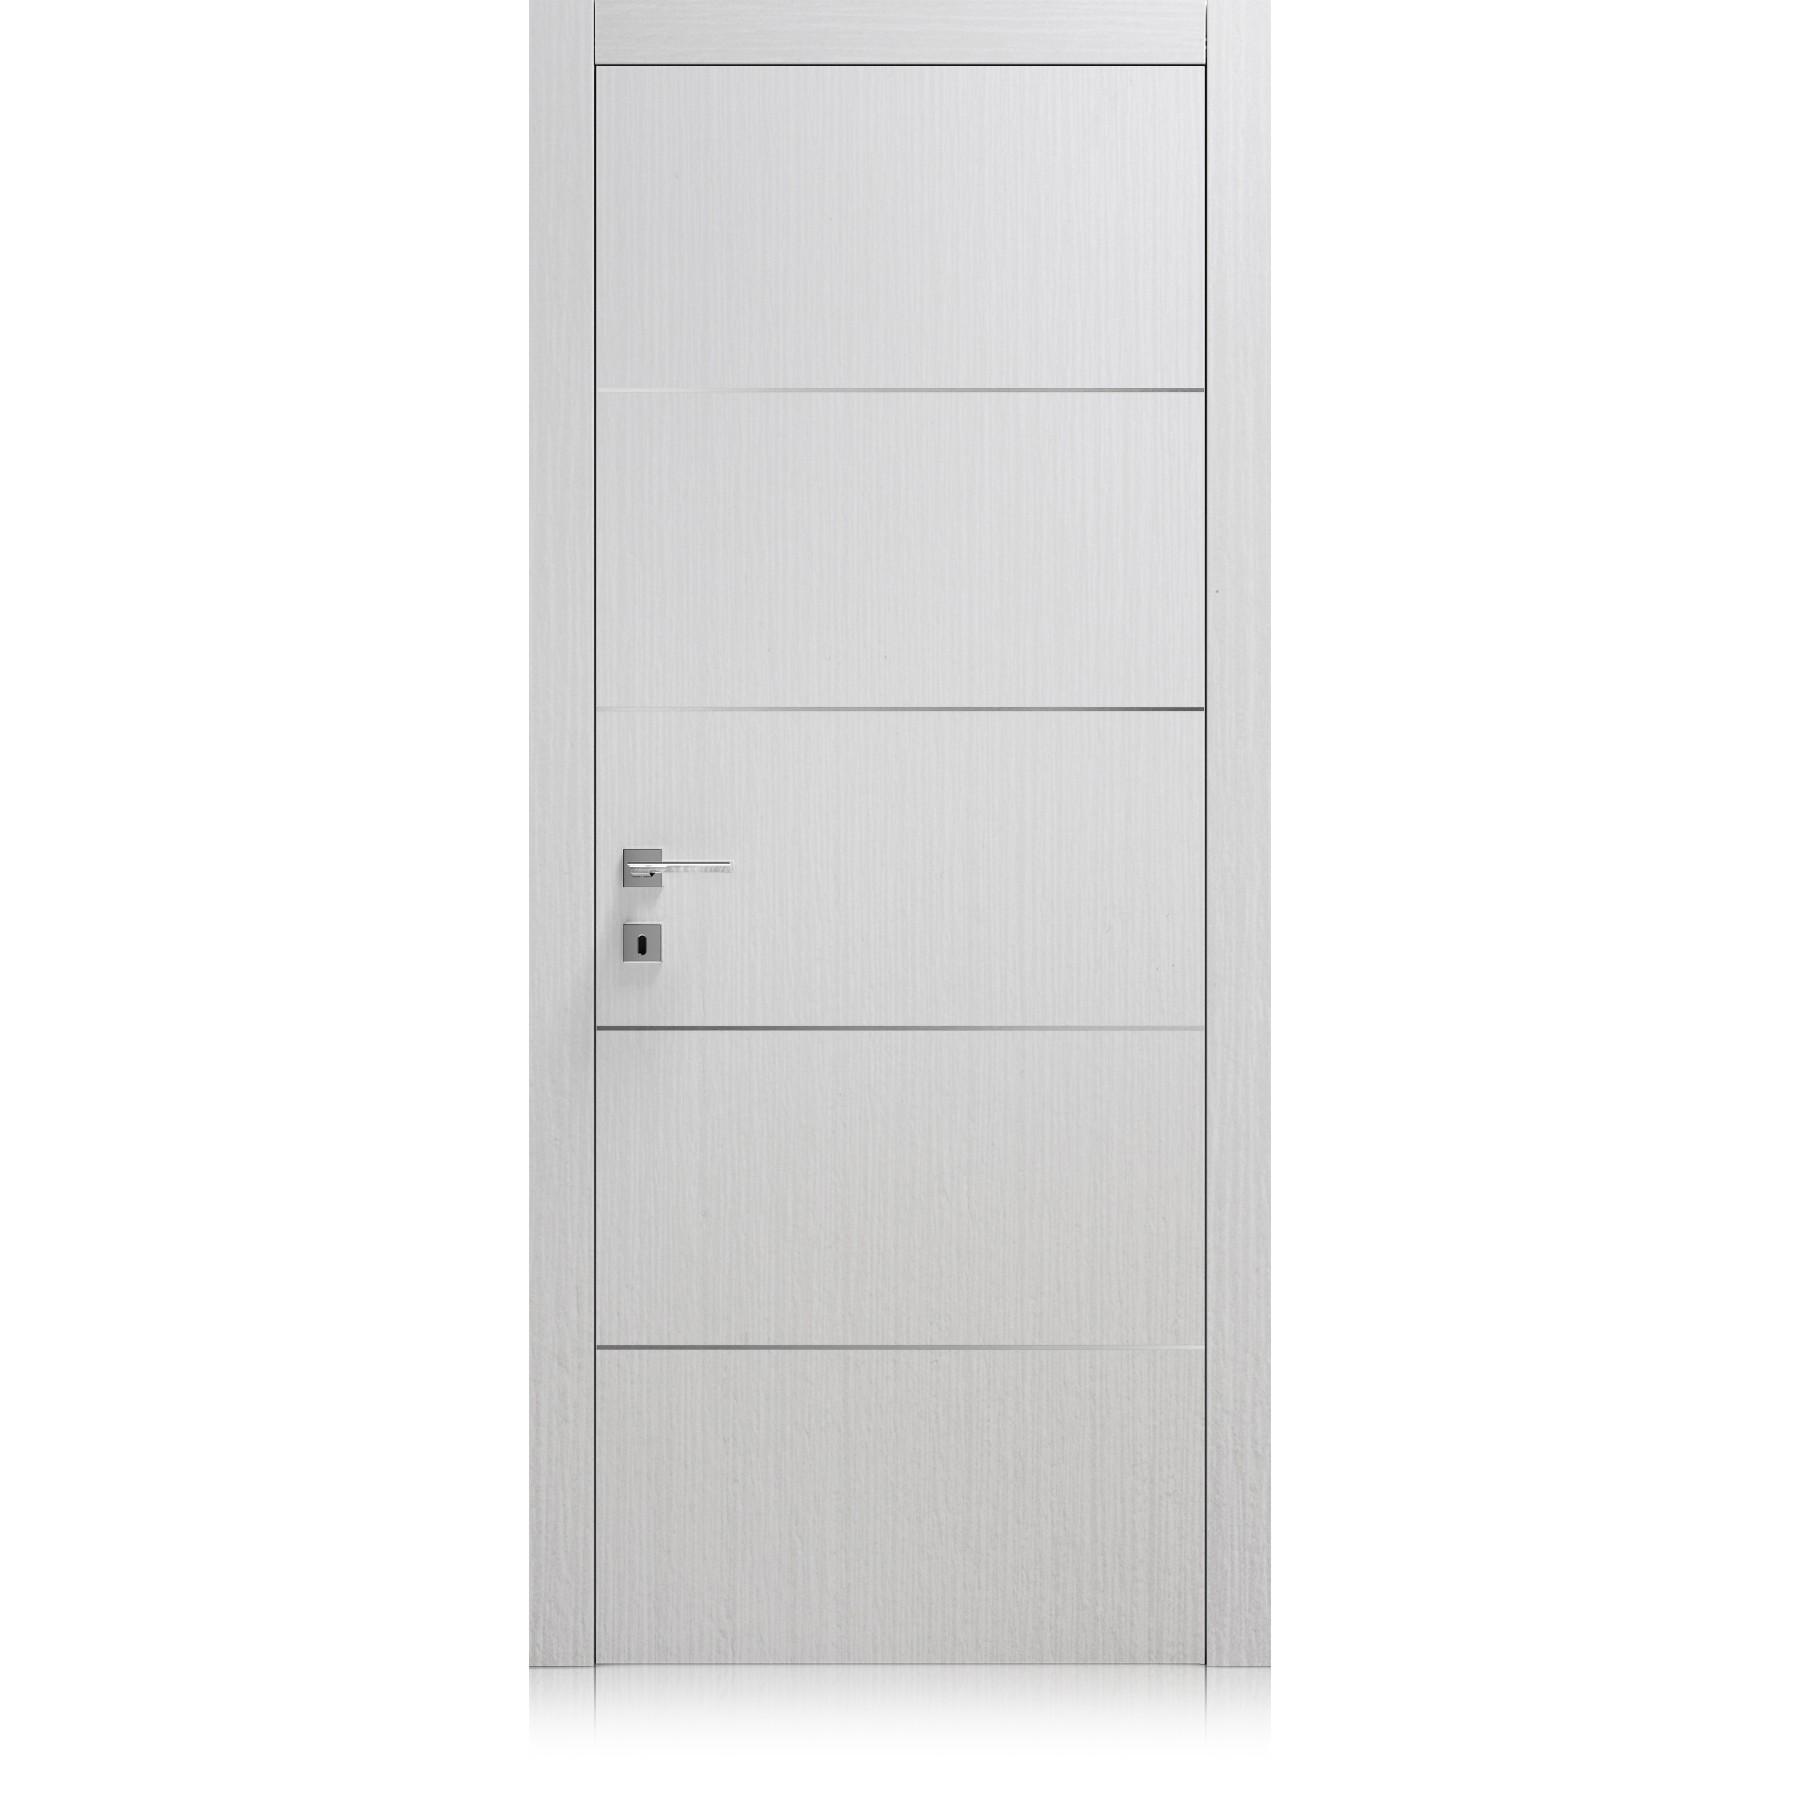 Liss / 4 materic bianco door